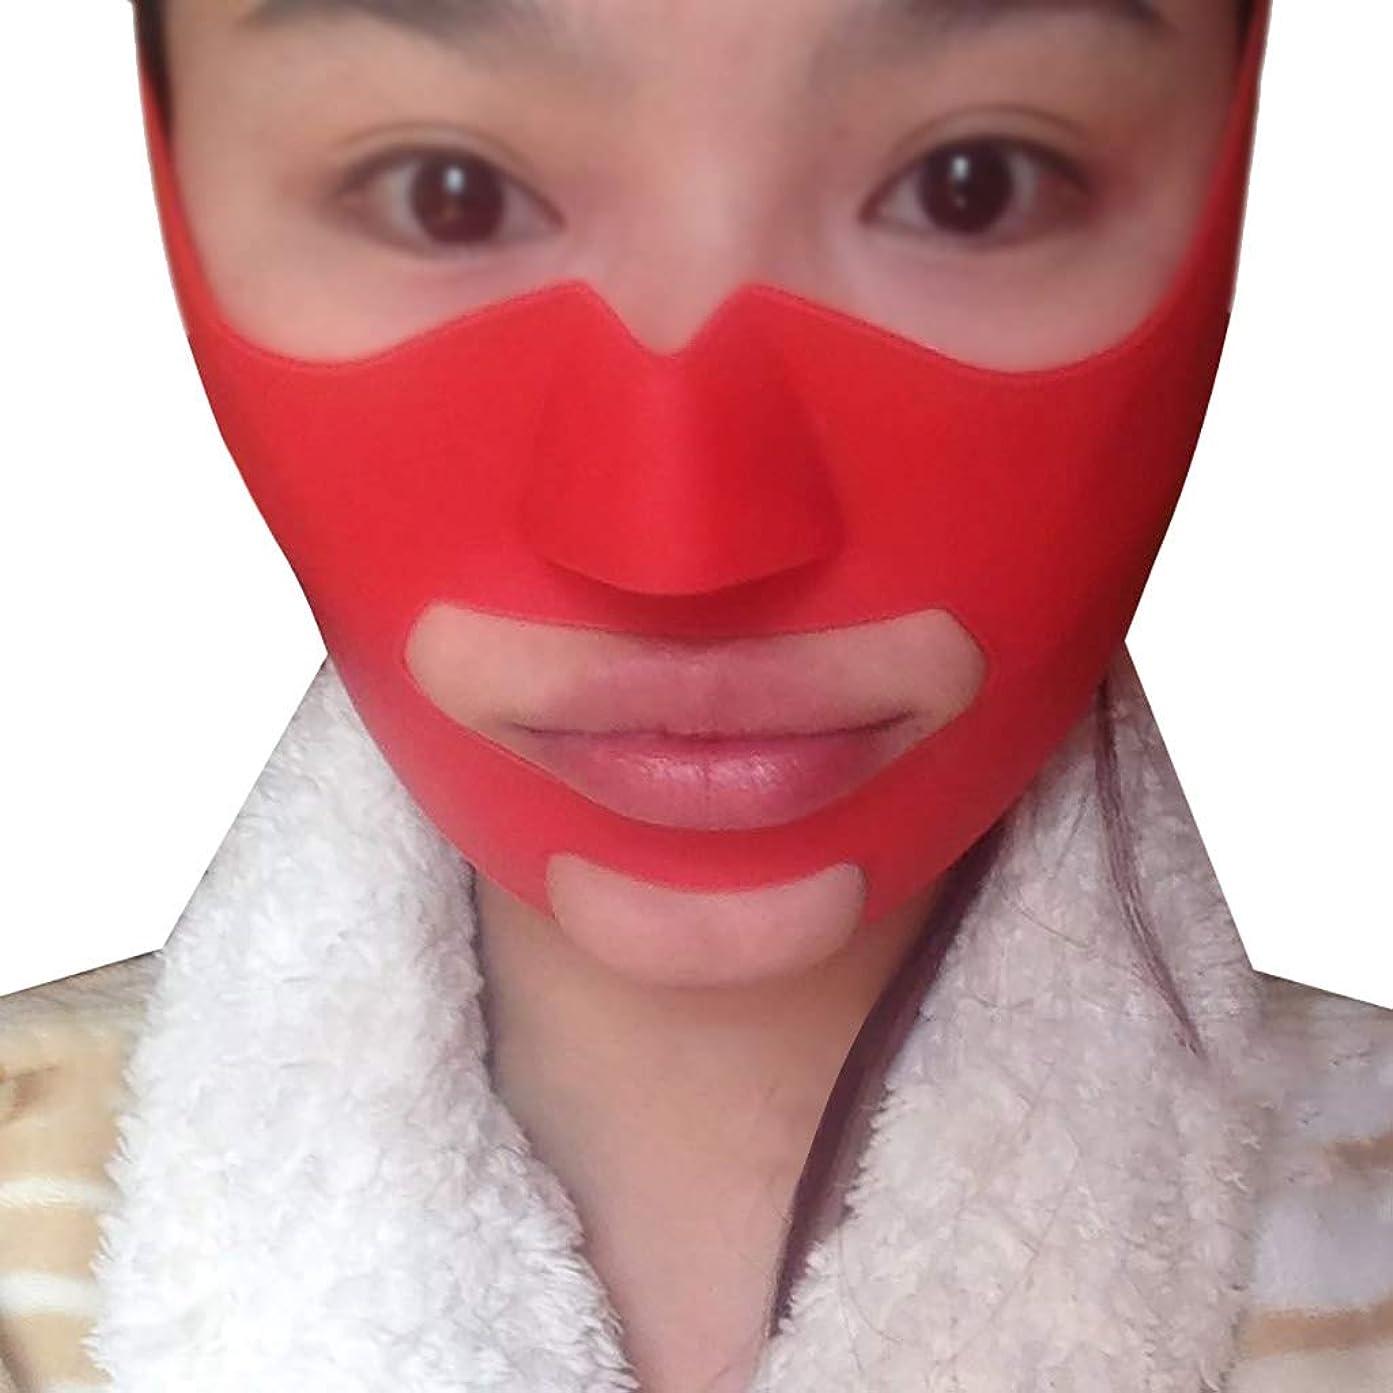 意気込み陽気な負担TLMY 薄いフェイスマスクシリコーンVマスクマスク強い痩身咬合筋肉トレーナーアップル筋肉法令パターンアーティファクト小さなVフェイス包帯薄いフェイスネックリフト 顔用整形マスク